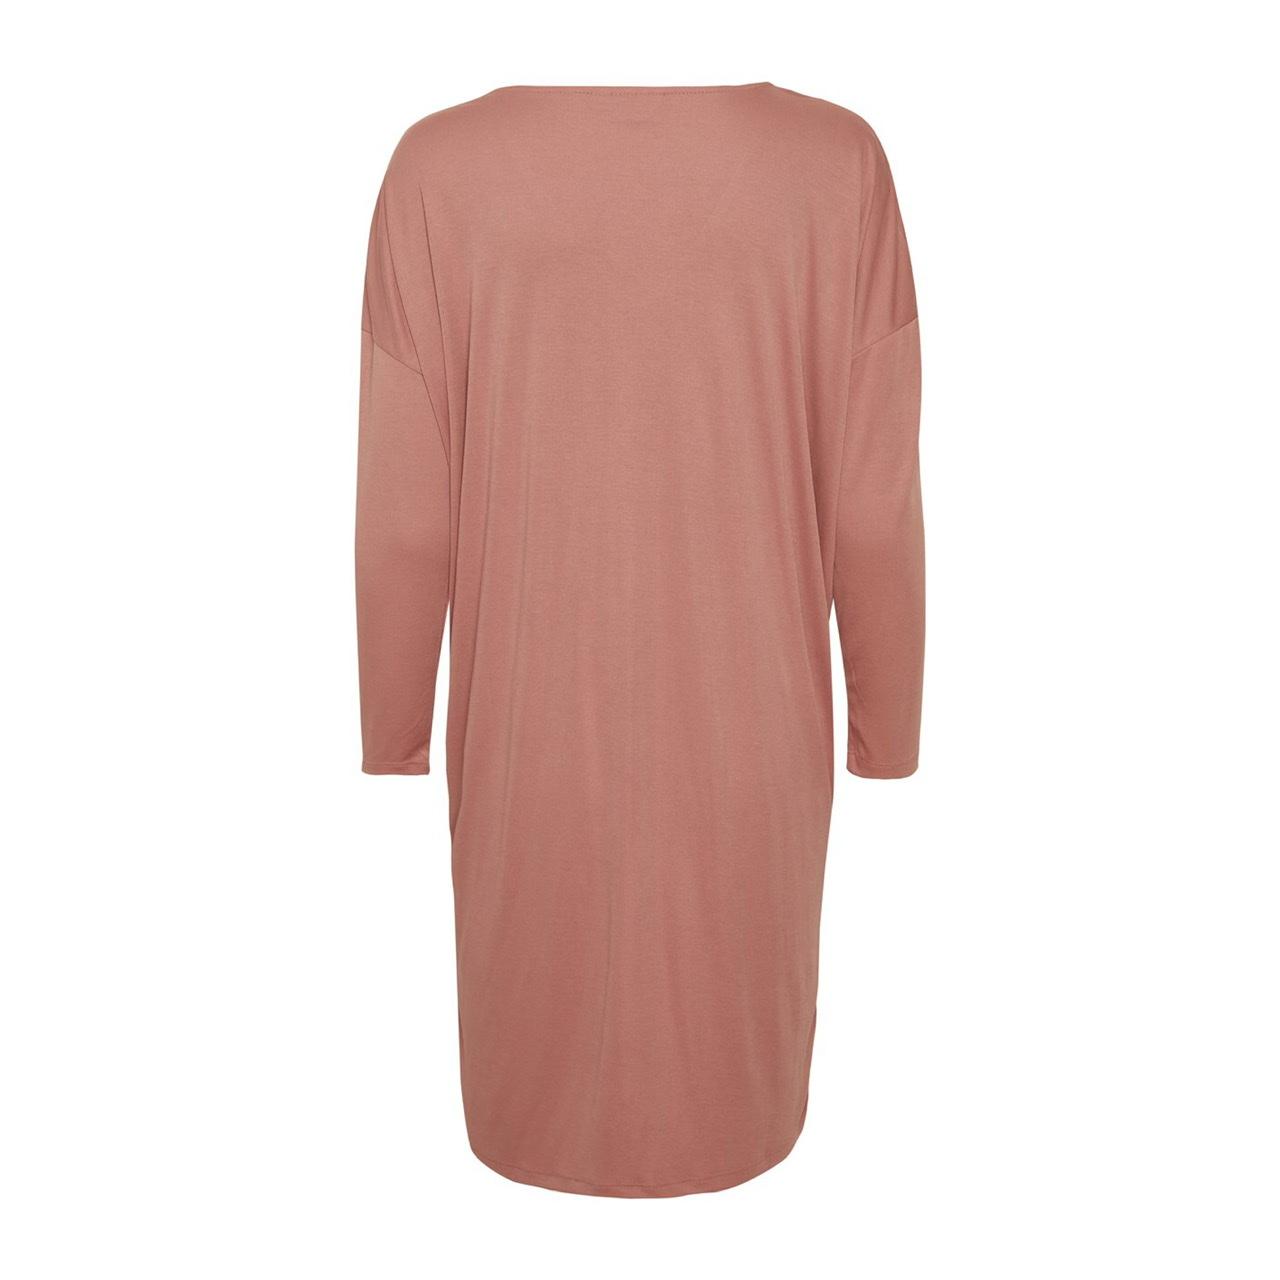 Giana Pink Jersey Dress by Saint Tropez